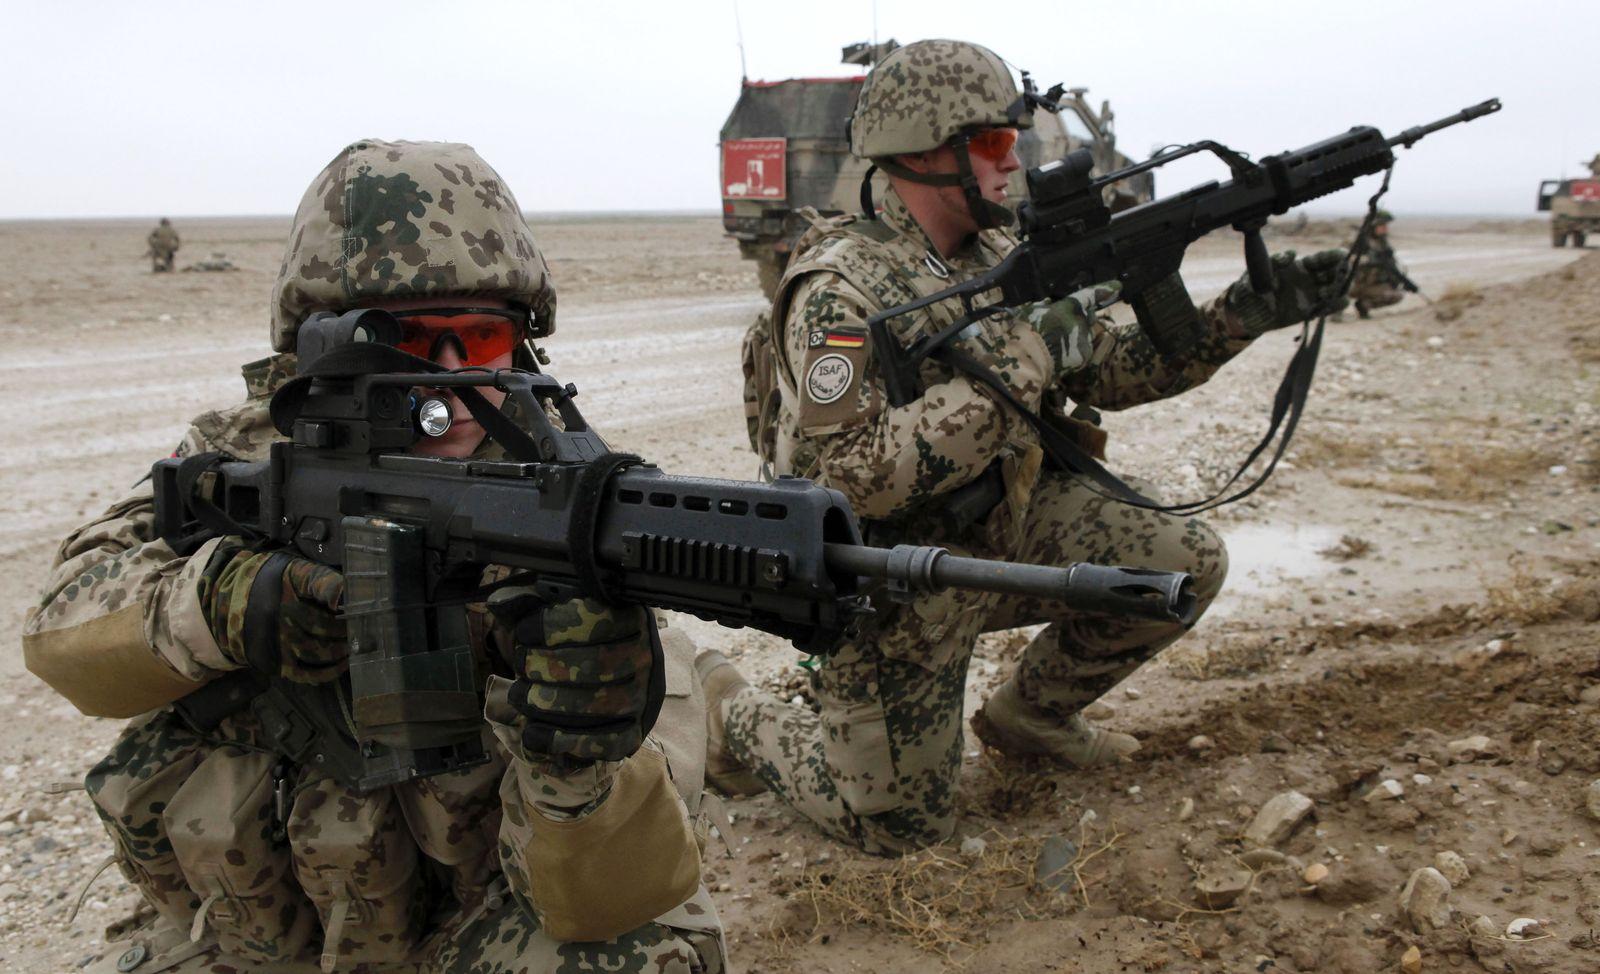 g36 soldaten bundeswehr